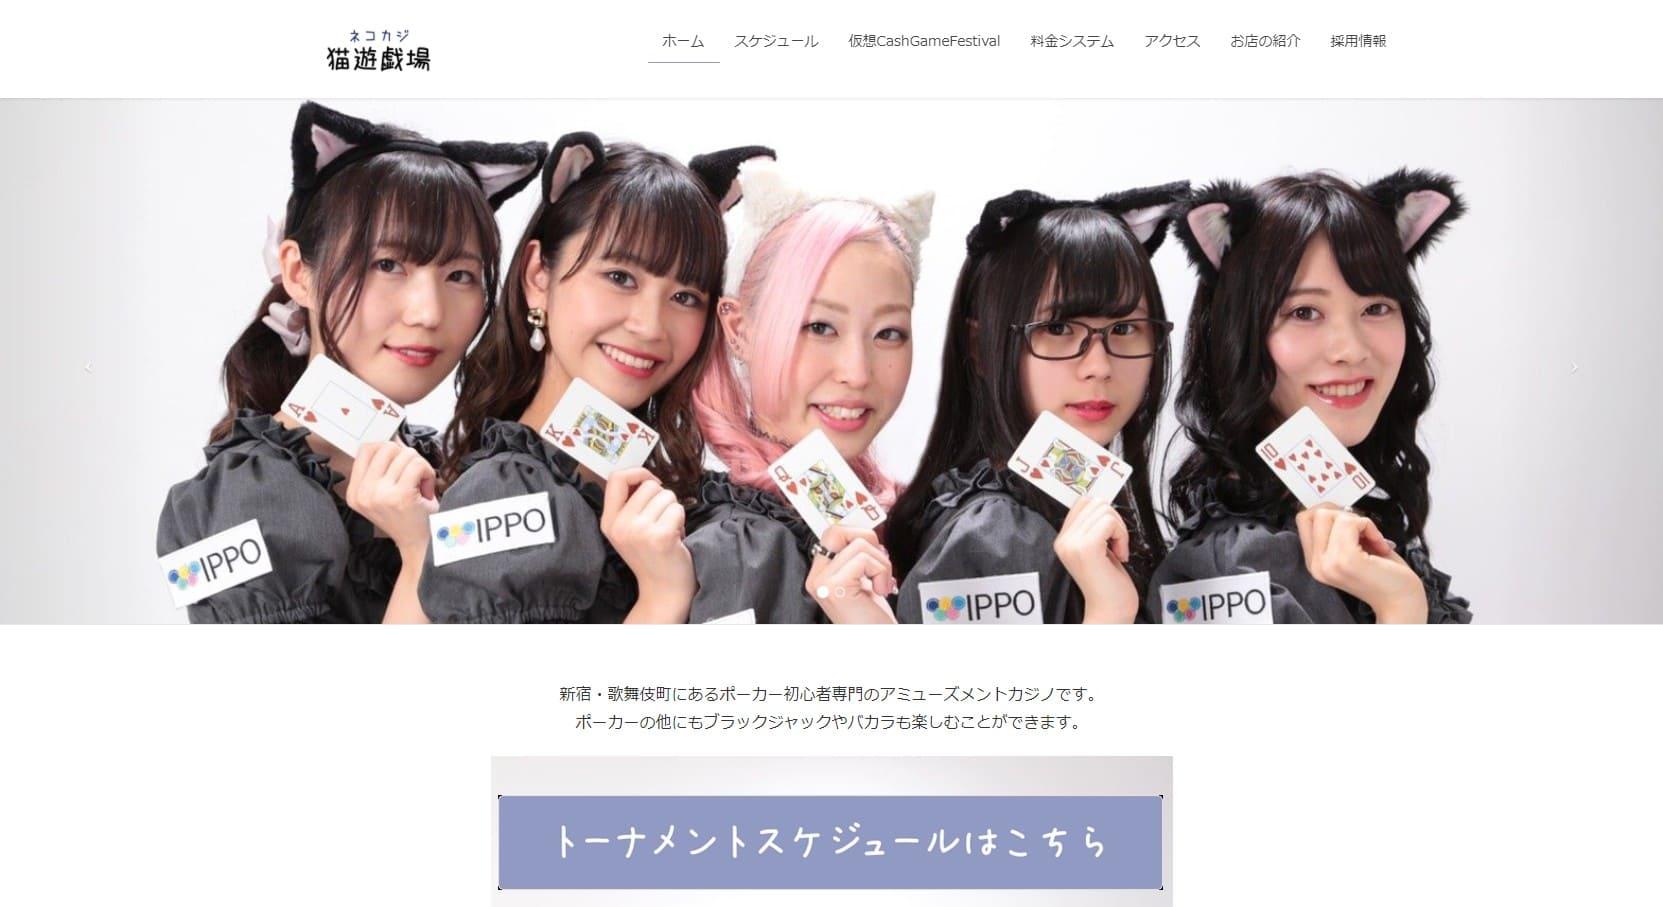 猫遊技場ネコカジウェブサイト画像。